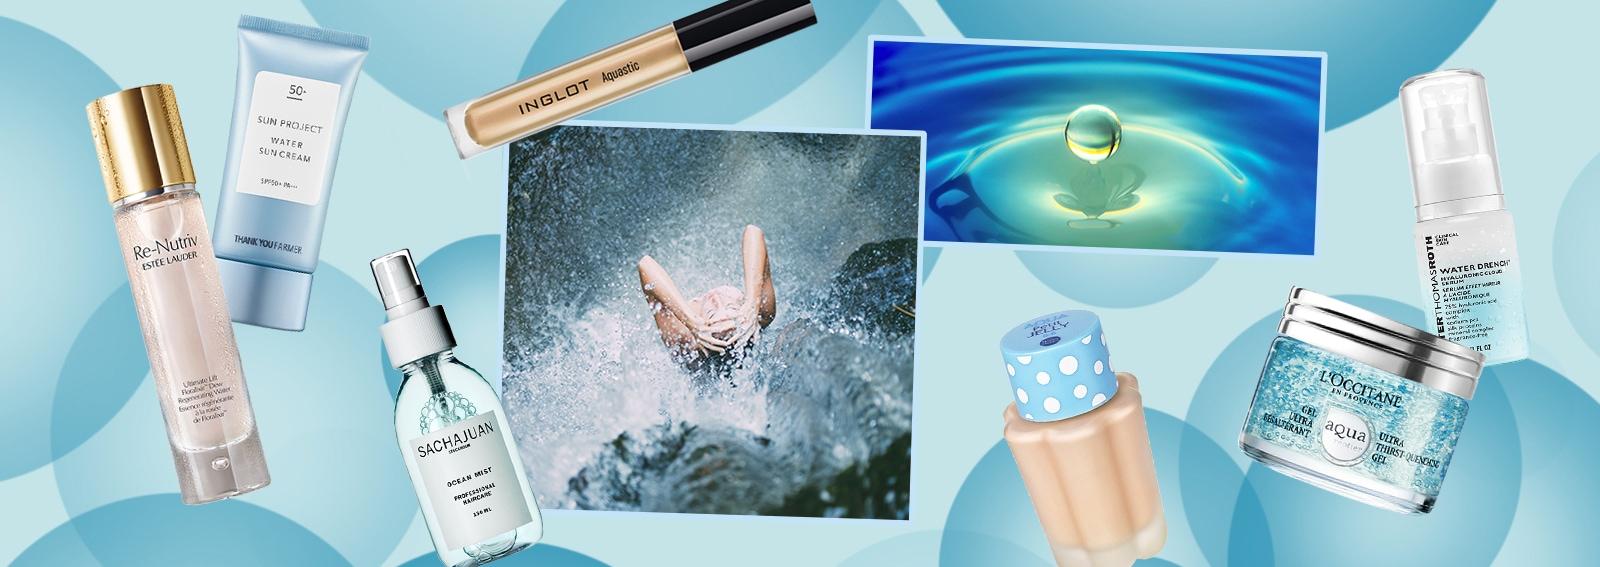 Il nuovo focus è la pelle idratata, da realizzare con tutti i prodotti a base d'acqua